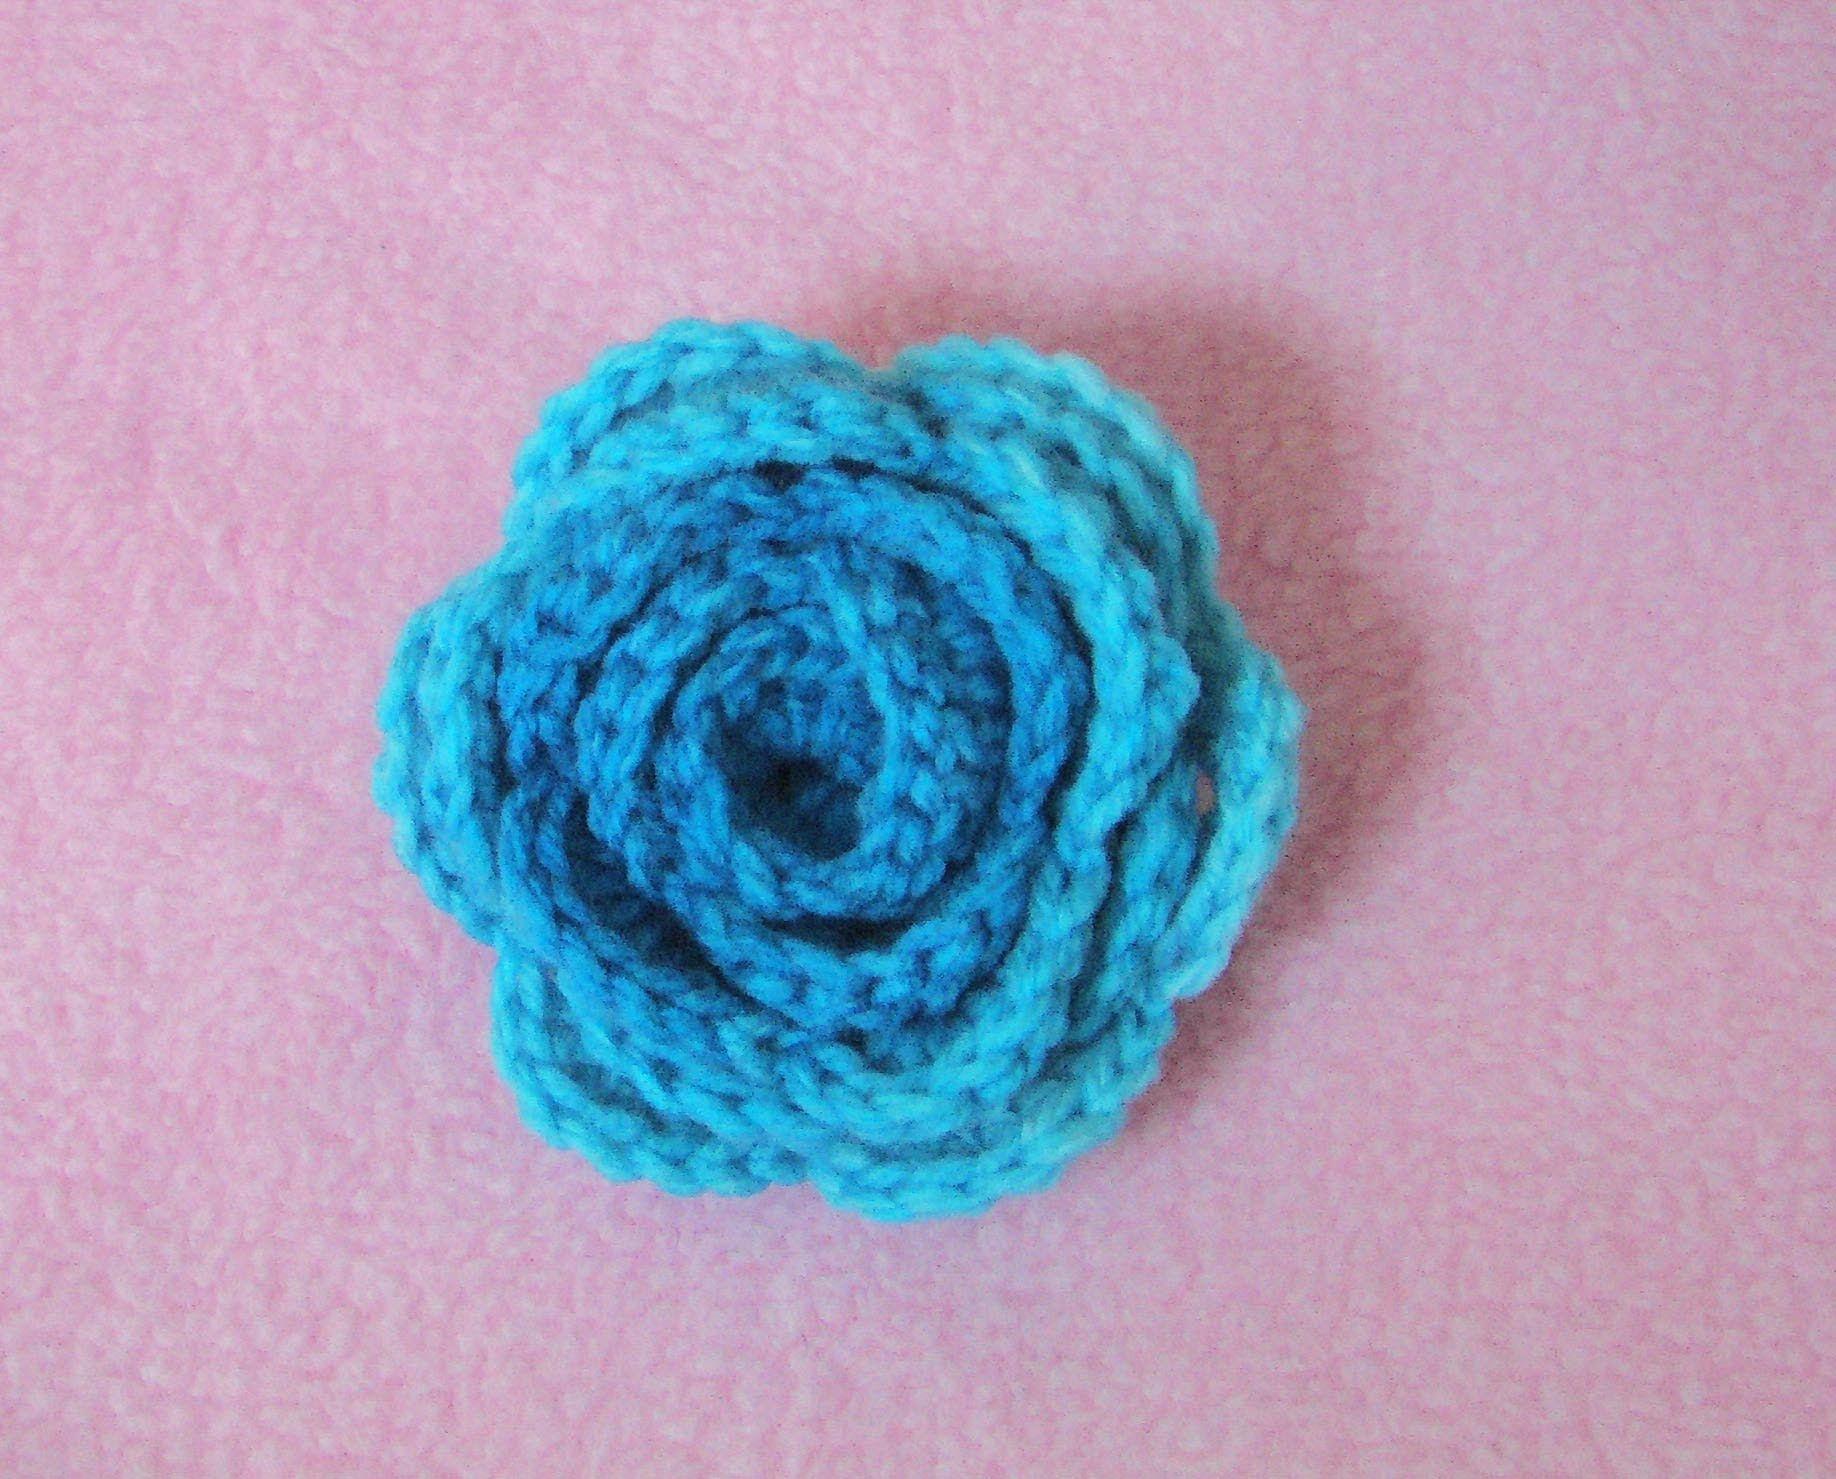 Amigurumi Flower Tutorial : Πλεκτο Τριανταφυλλο crochet easy flower tutorial youtube